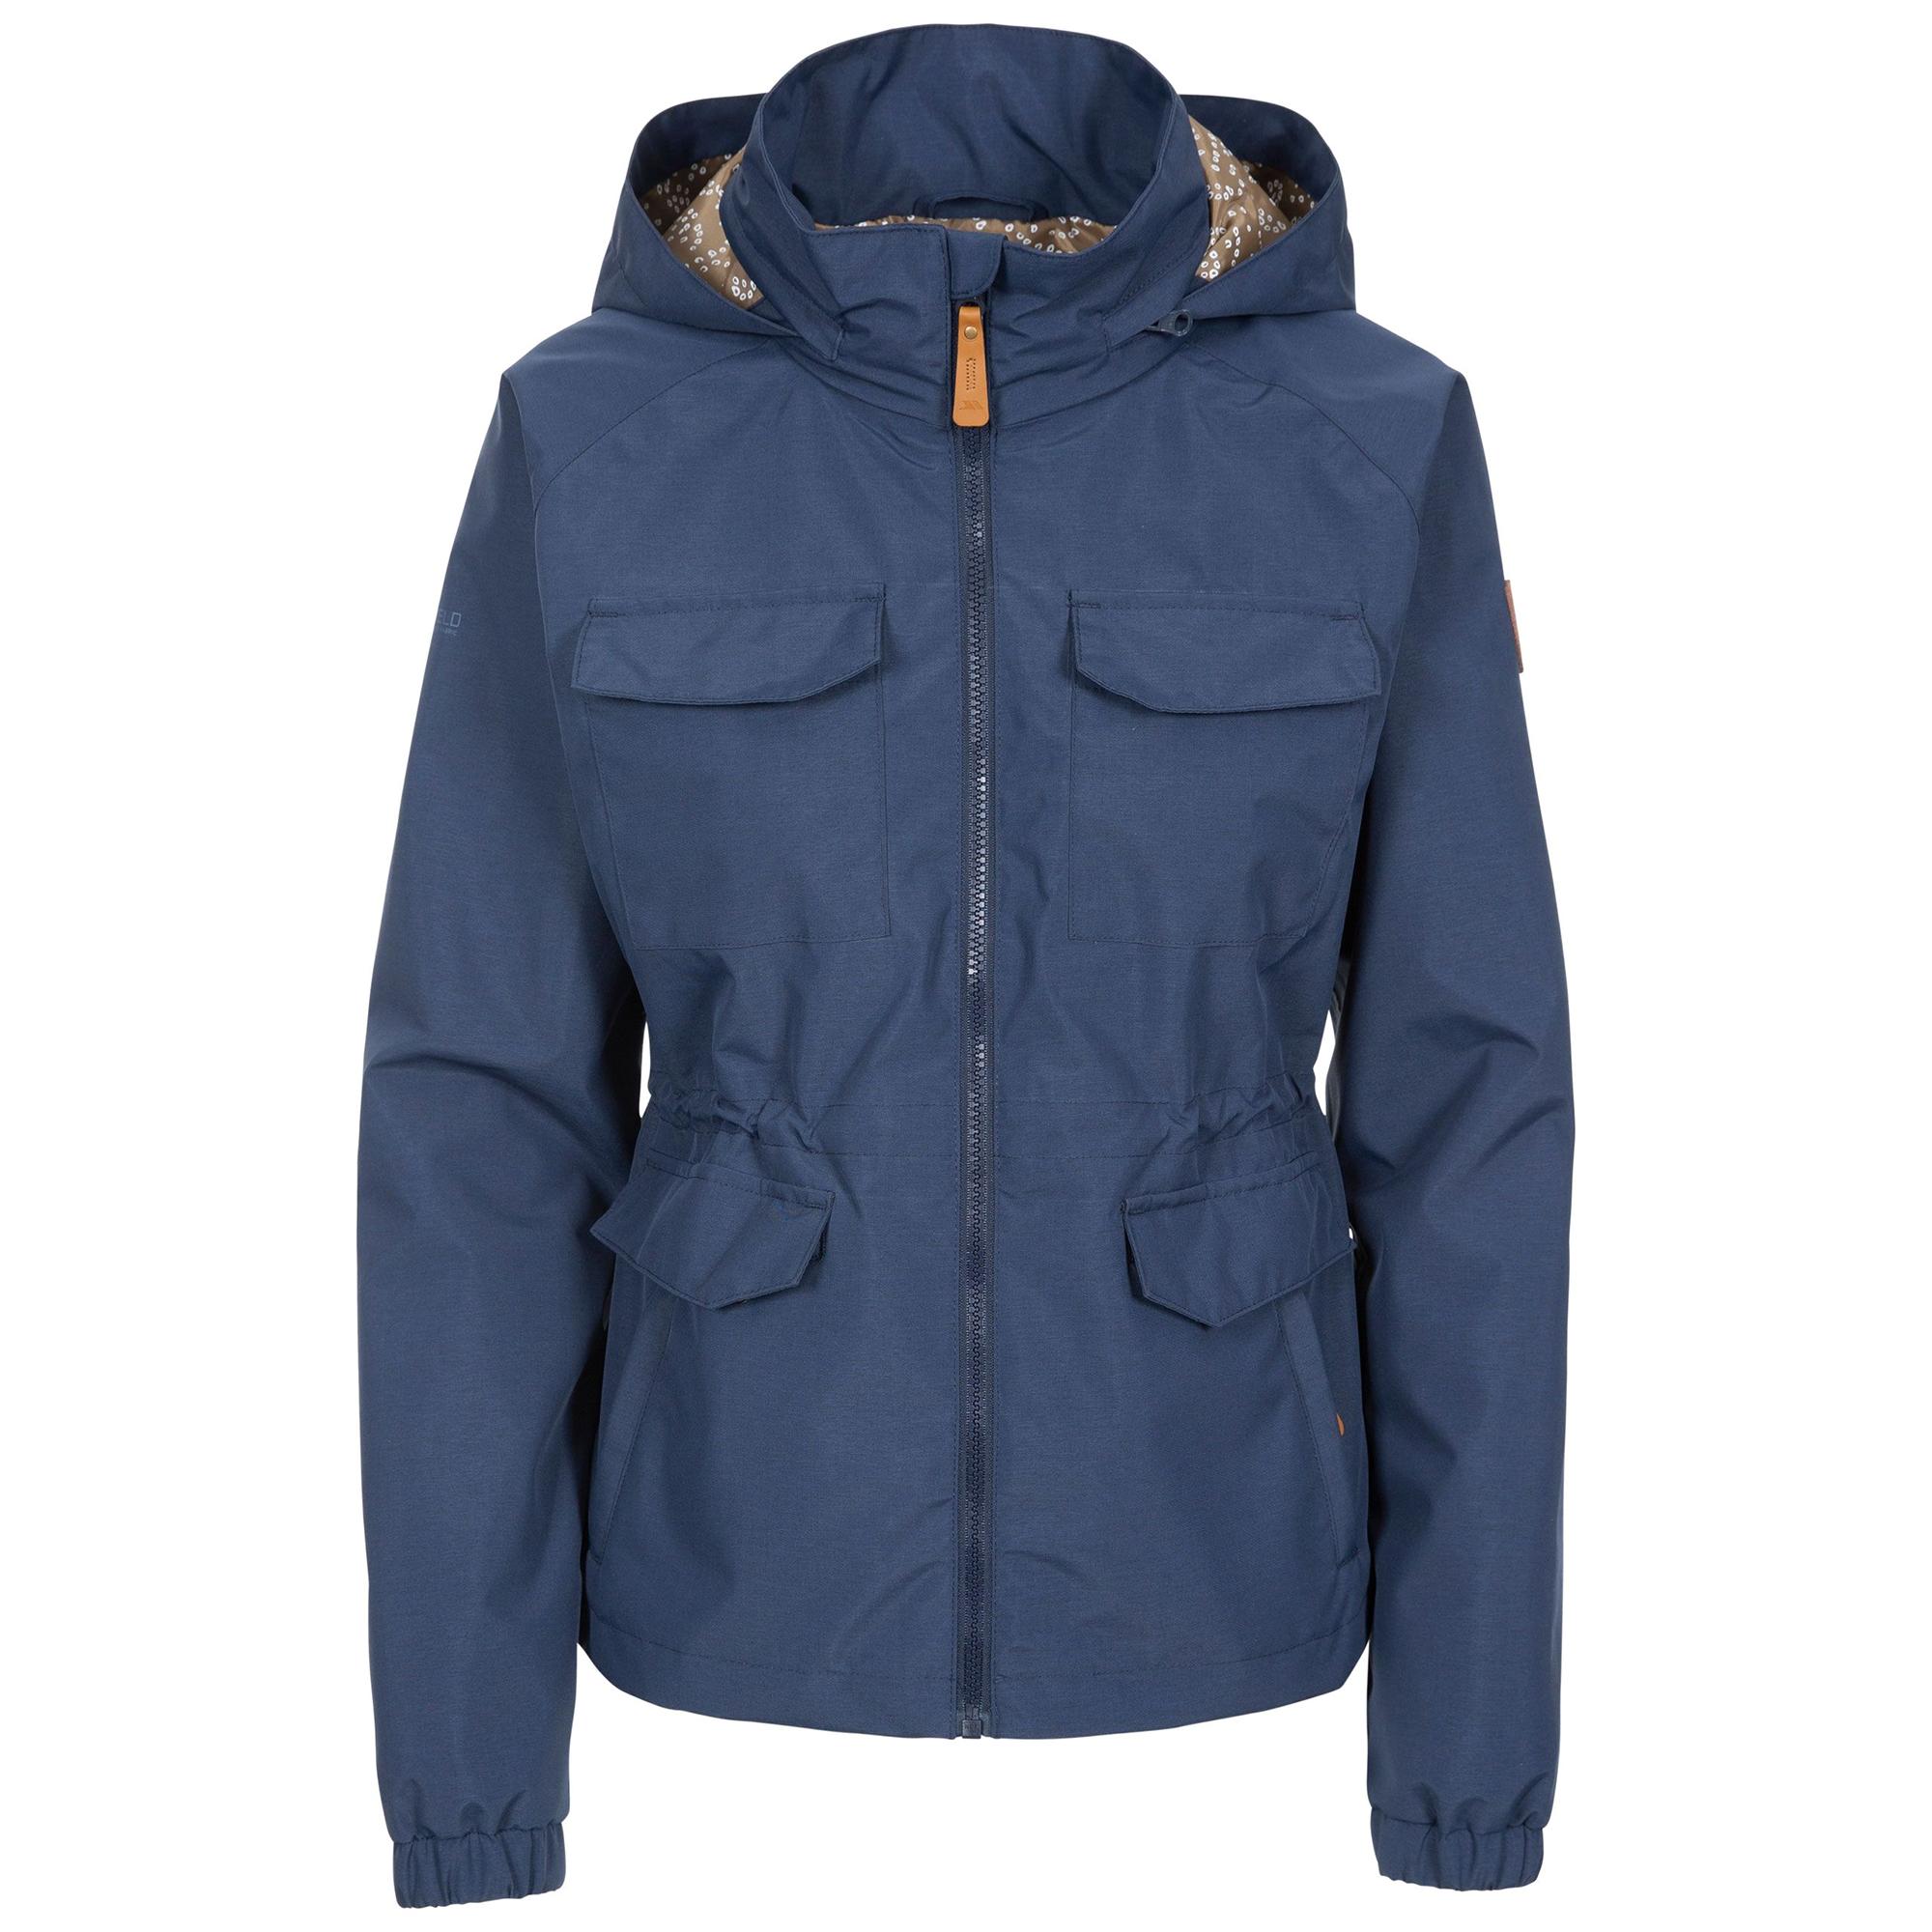 Trespass Womens/Ladies Busybee Waterproof Jacket (XS) (Navy)